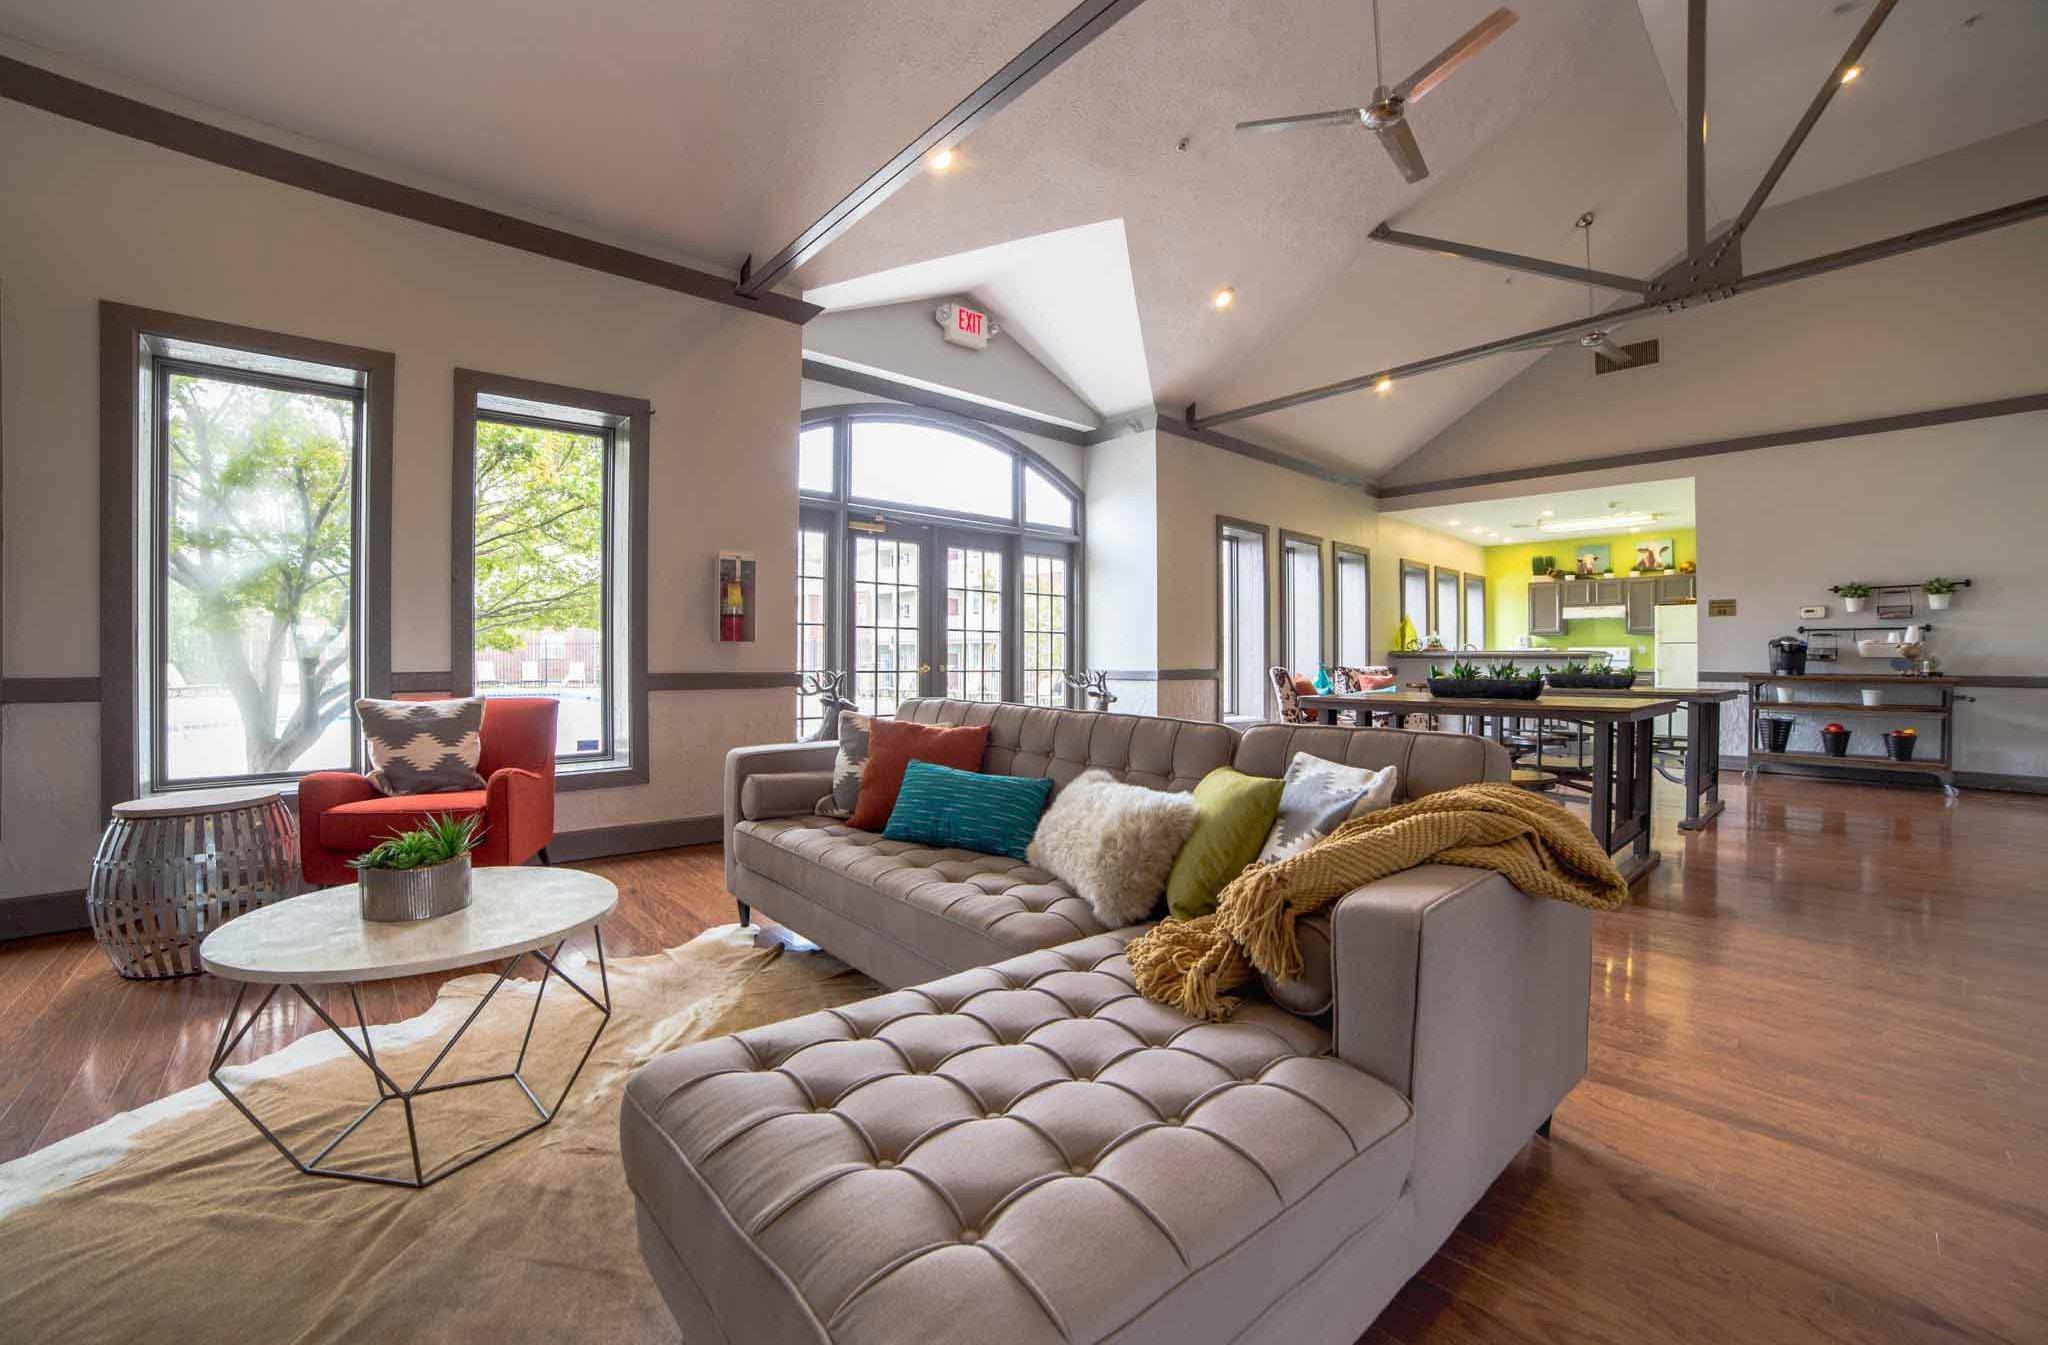 Fieldstone Apartment Homes : Fieldstone at glenwood crossing apartments in cincinnati oh